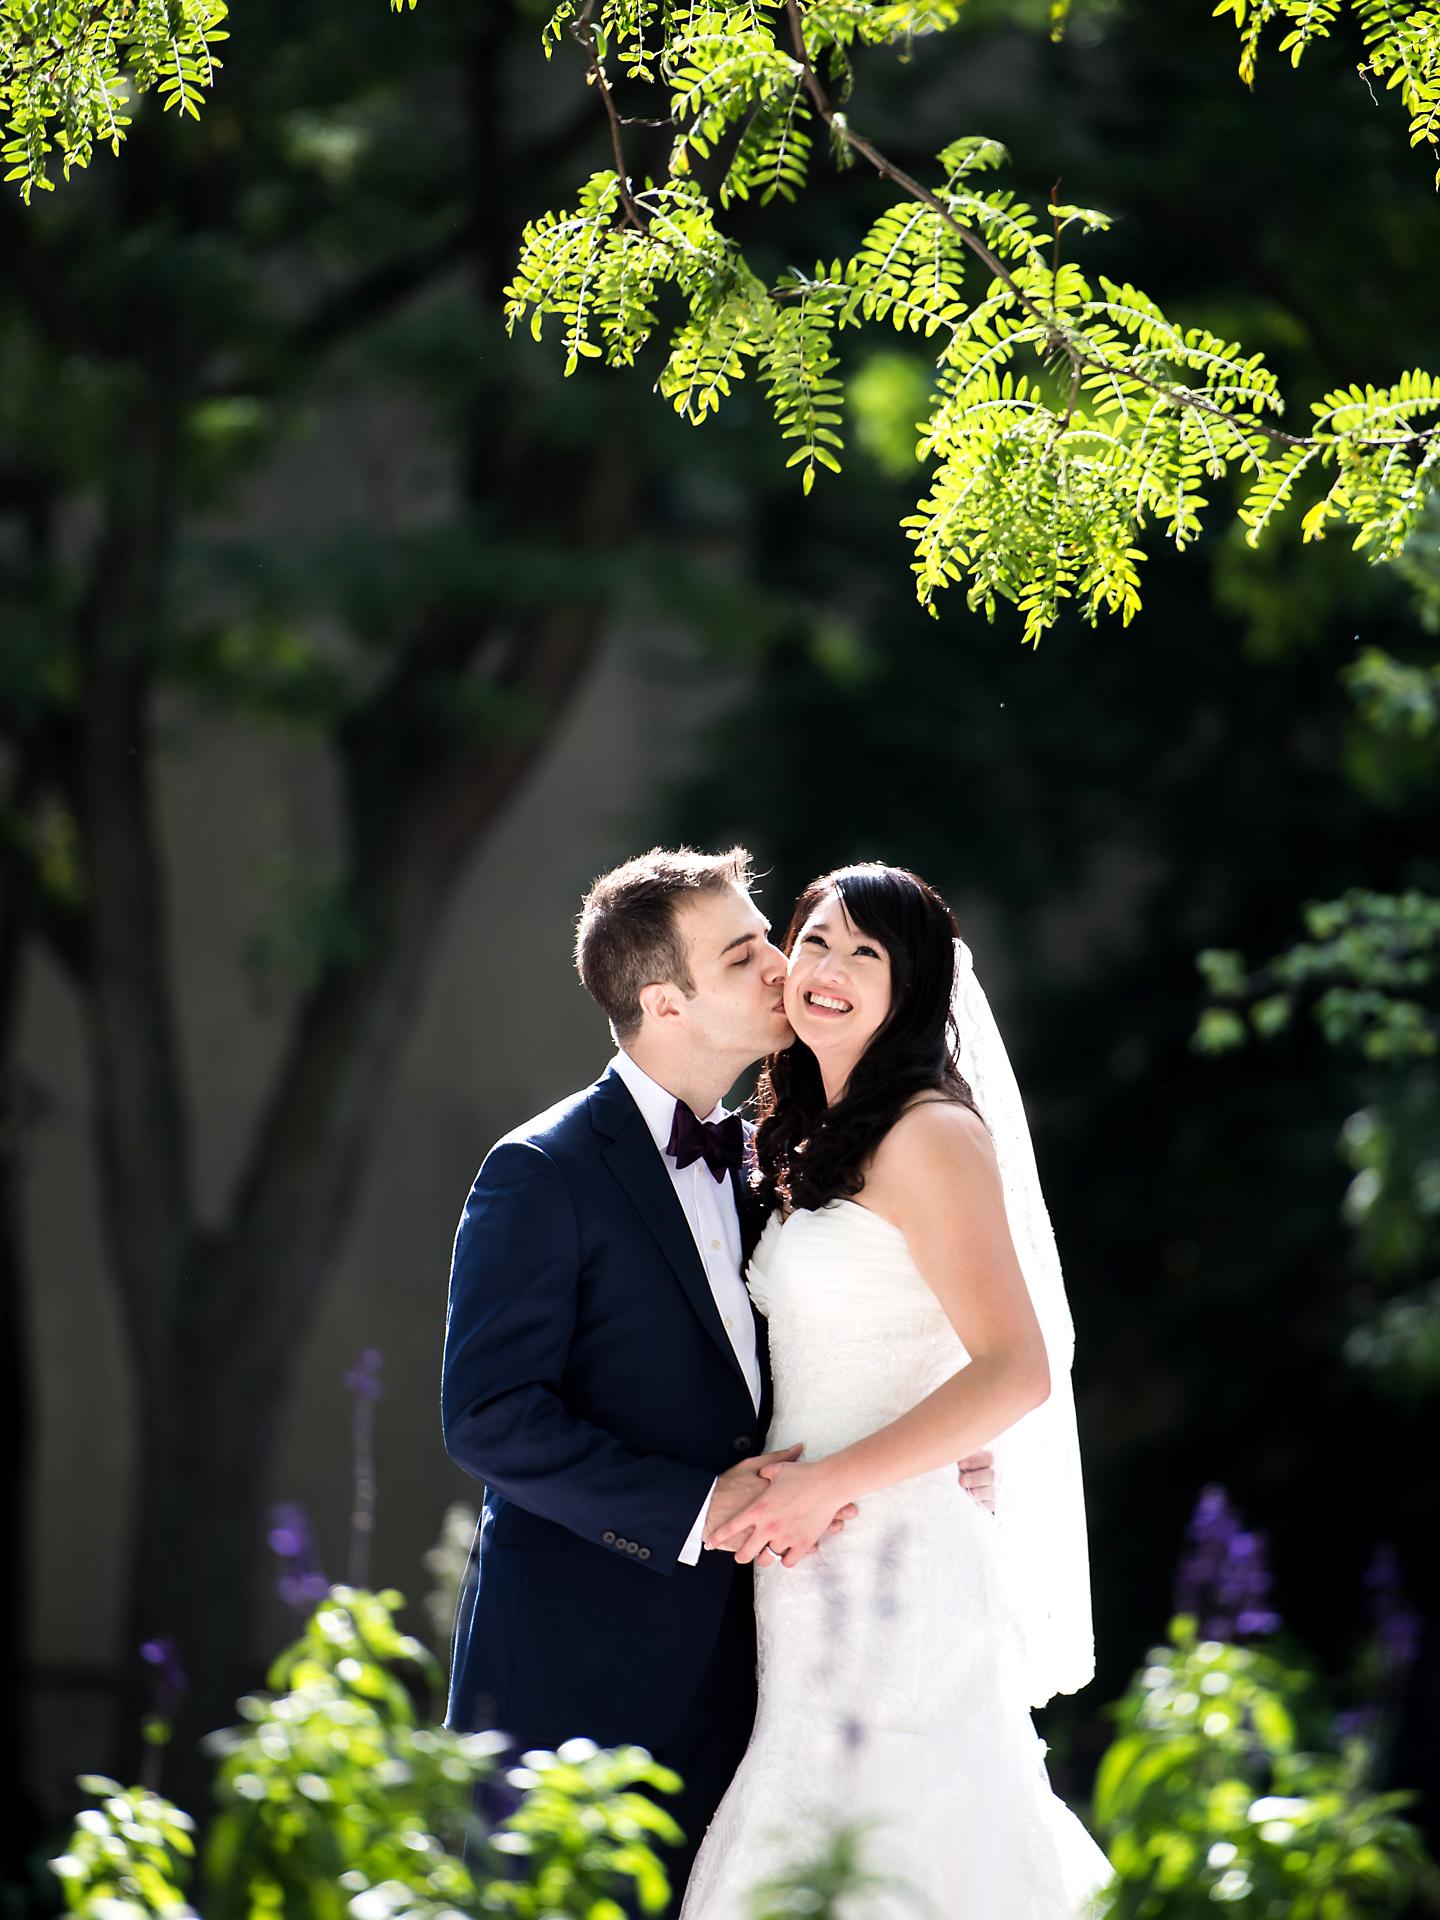 Costas & Erin | Palais Royale Wedding | Toronto Wedding Photography23